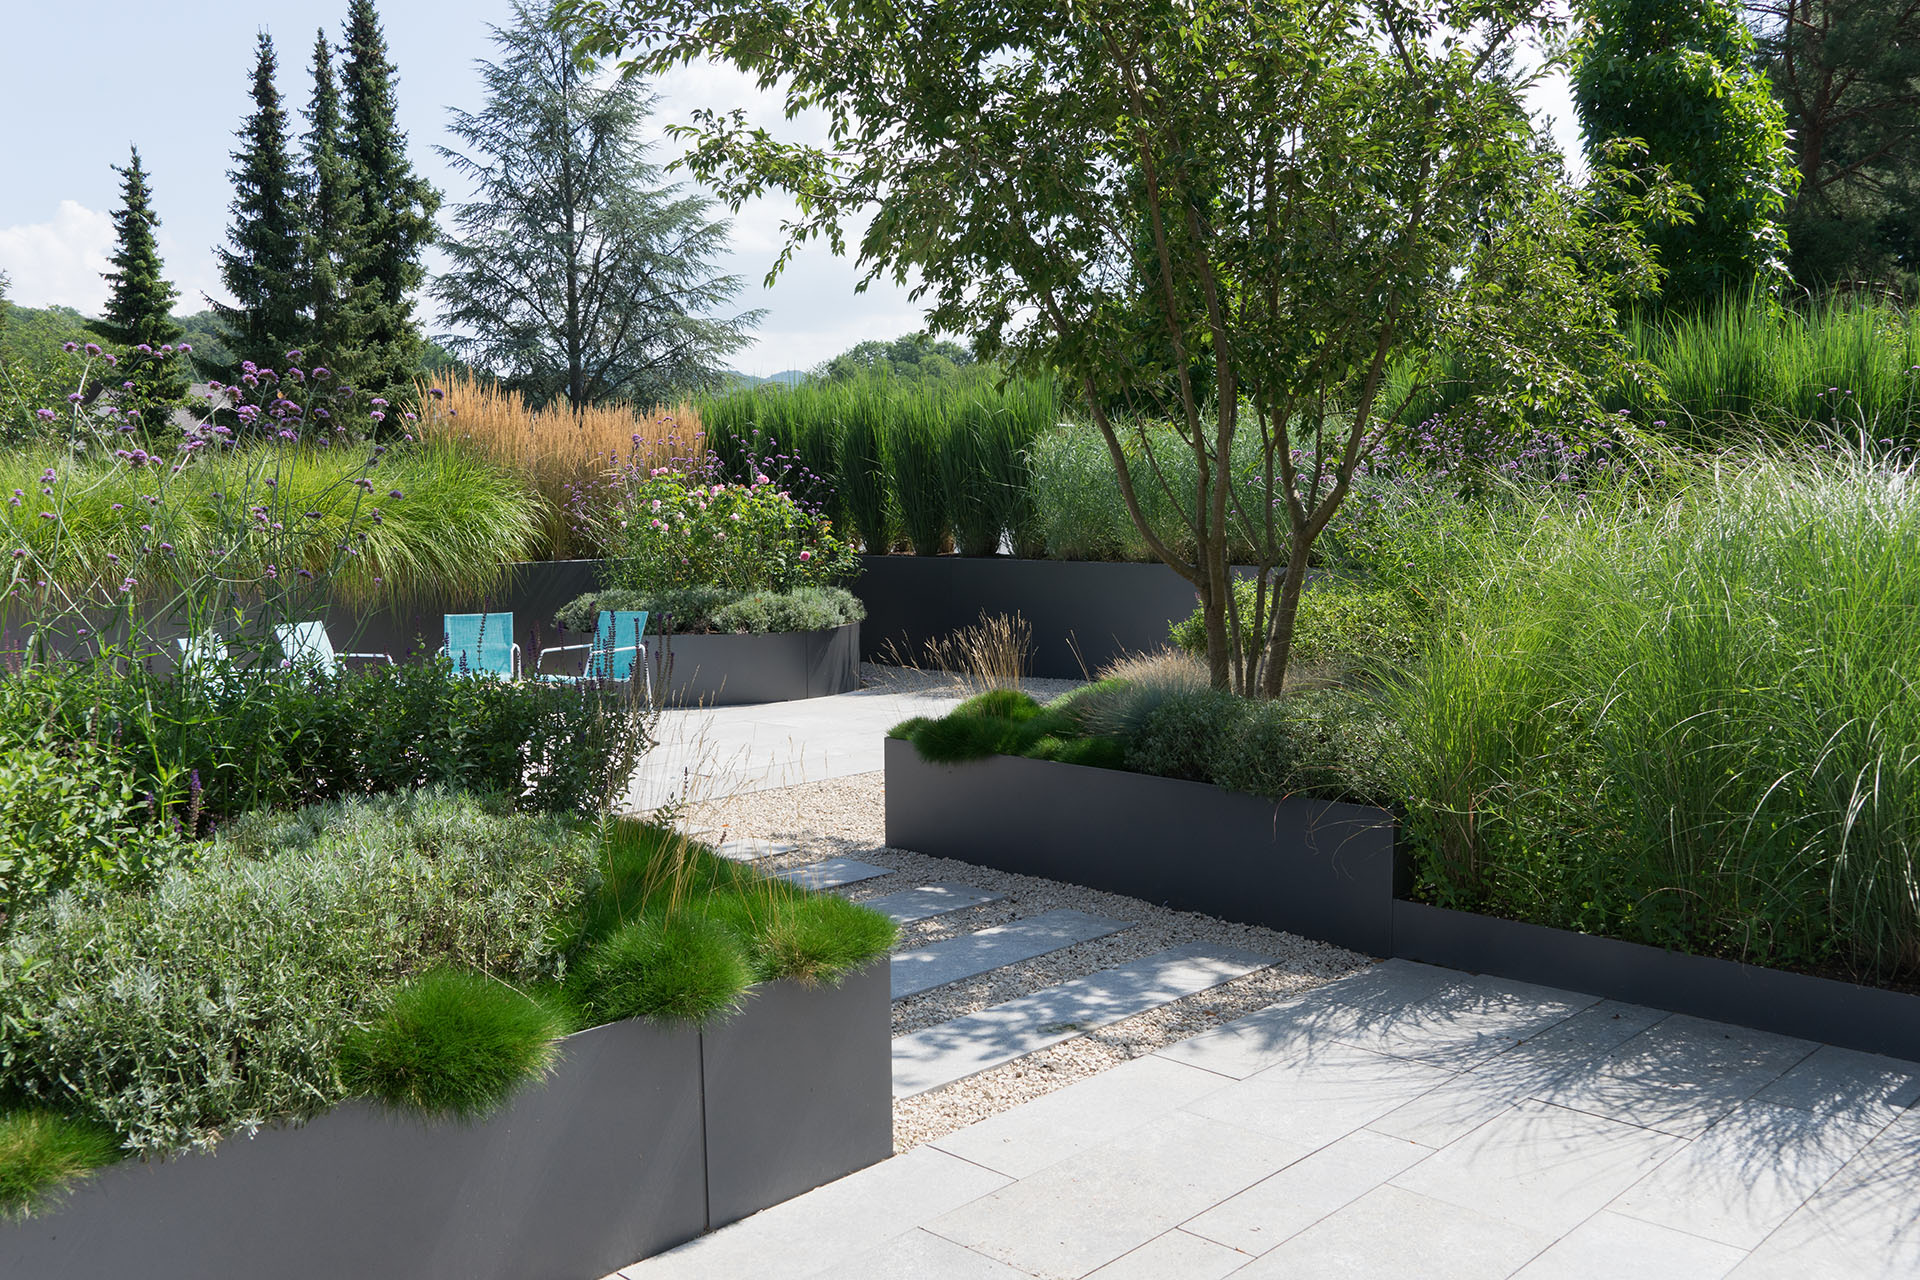 Riqualificazione e manutenzione giardini aziendali Mantova